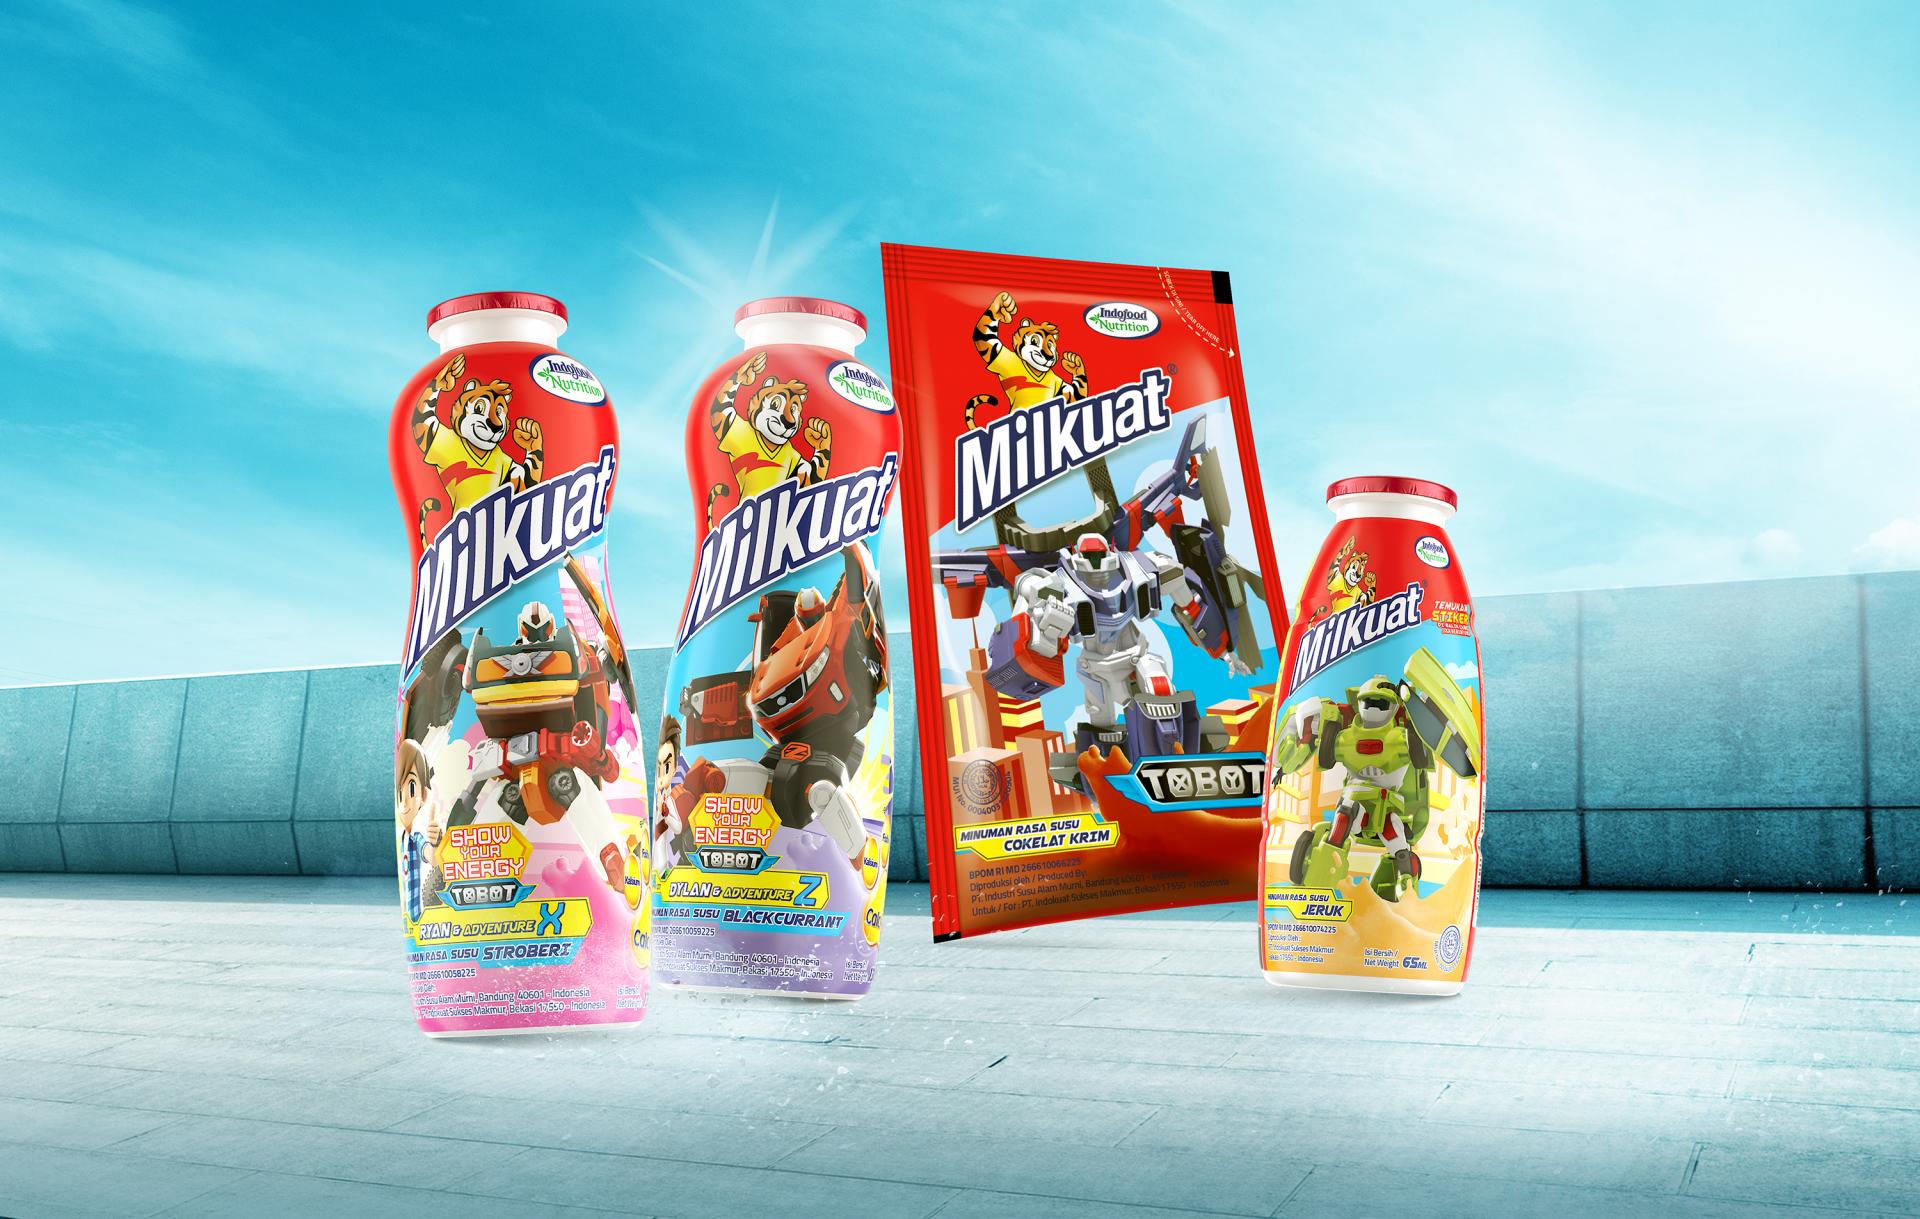 Milkuat Tobot